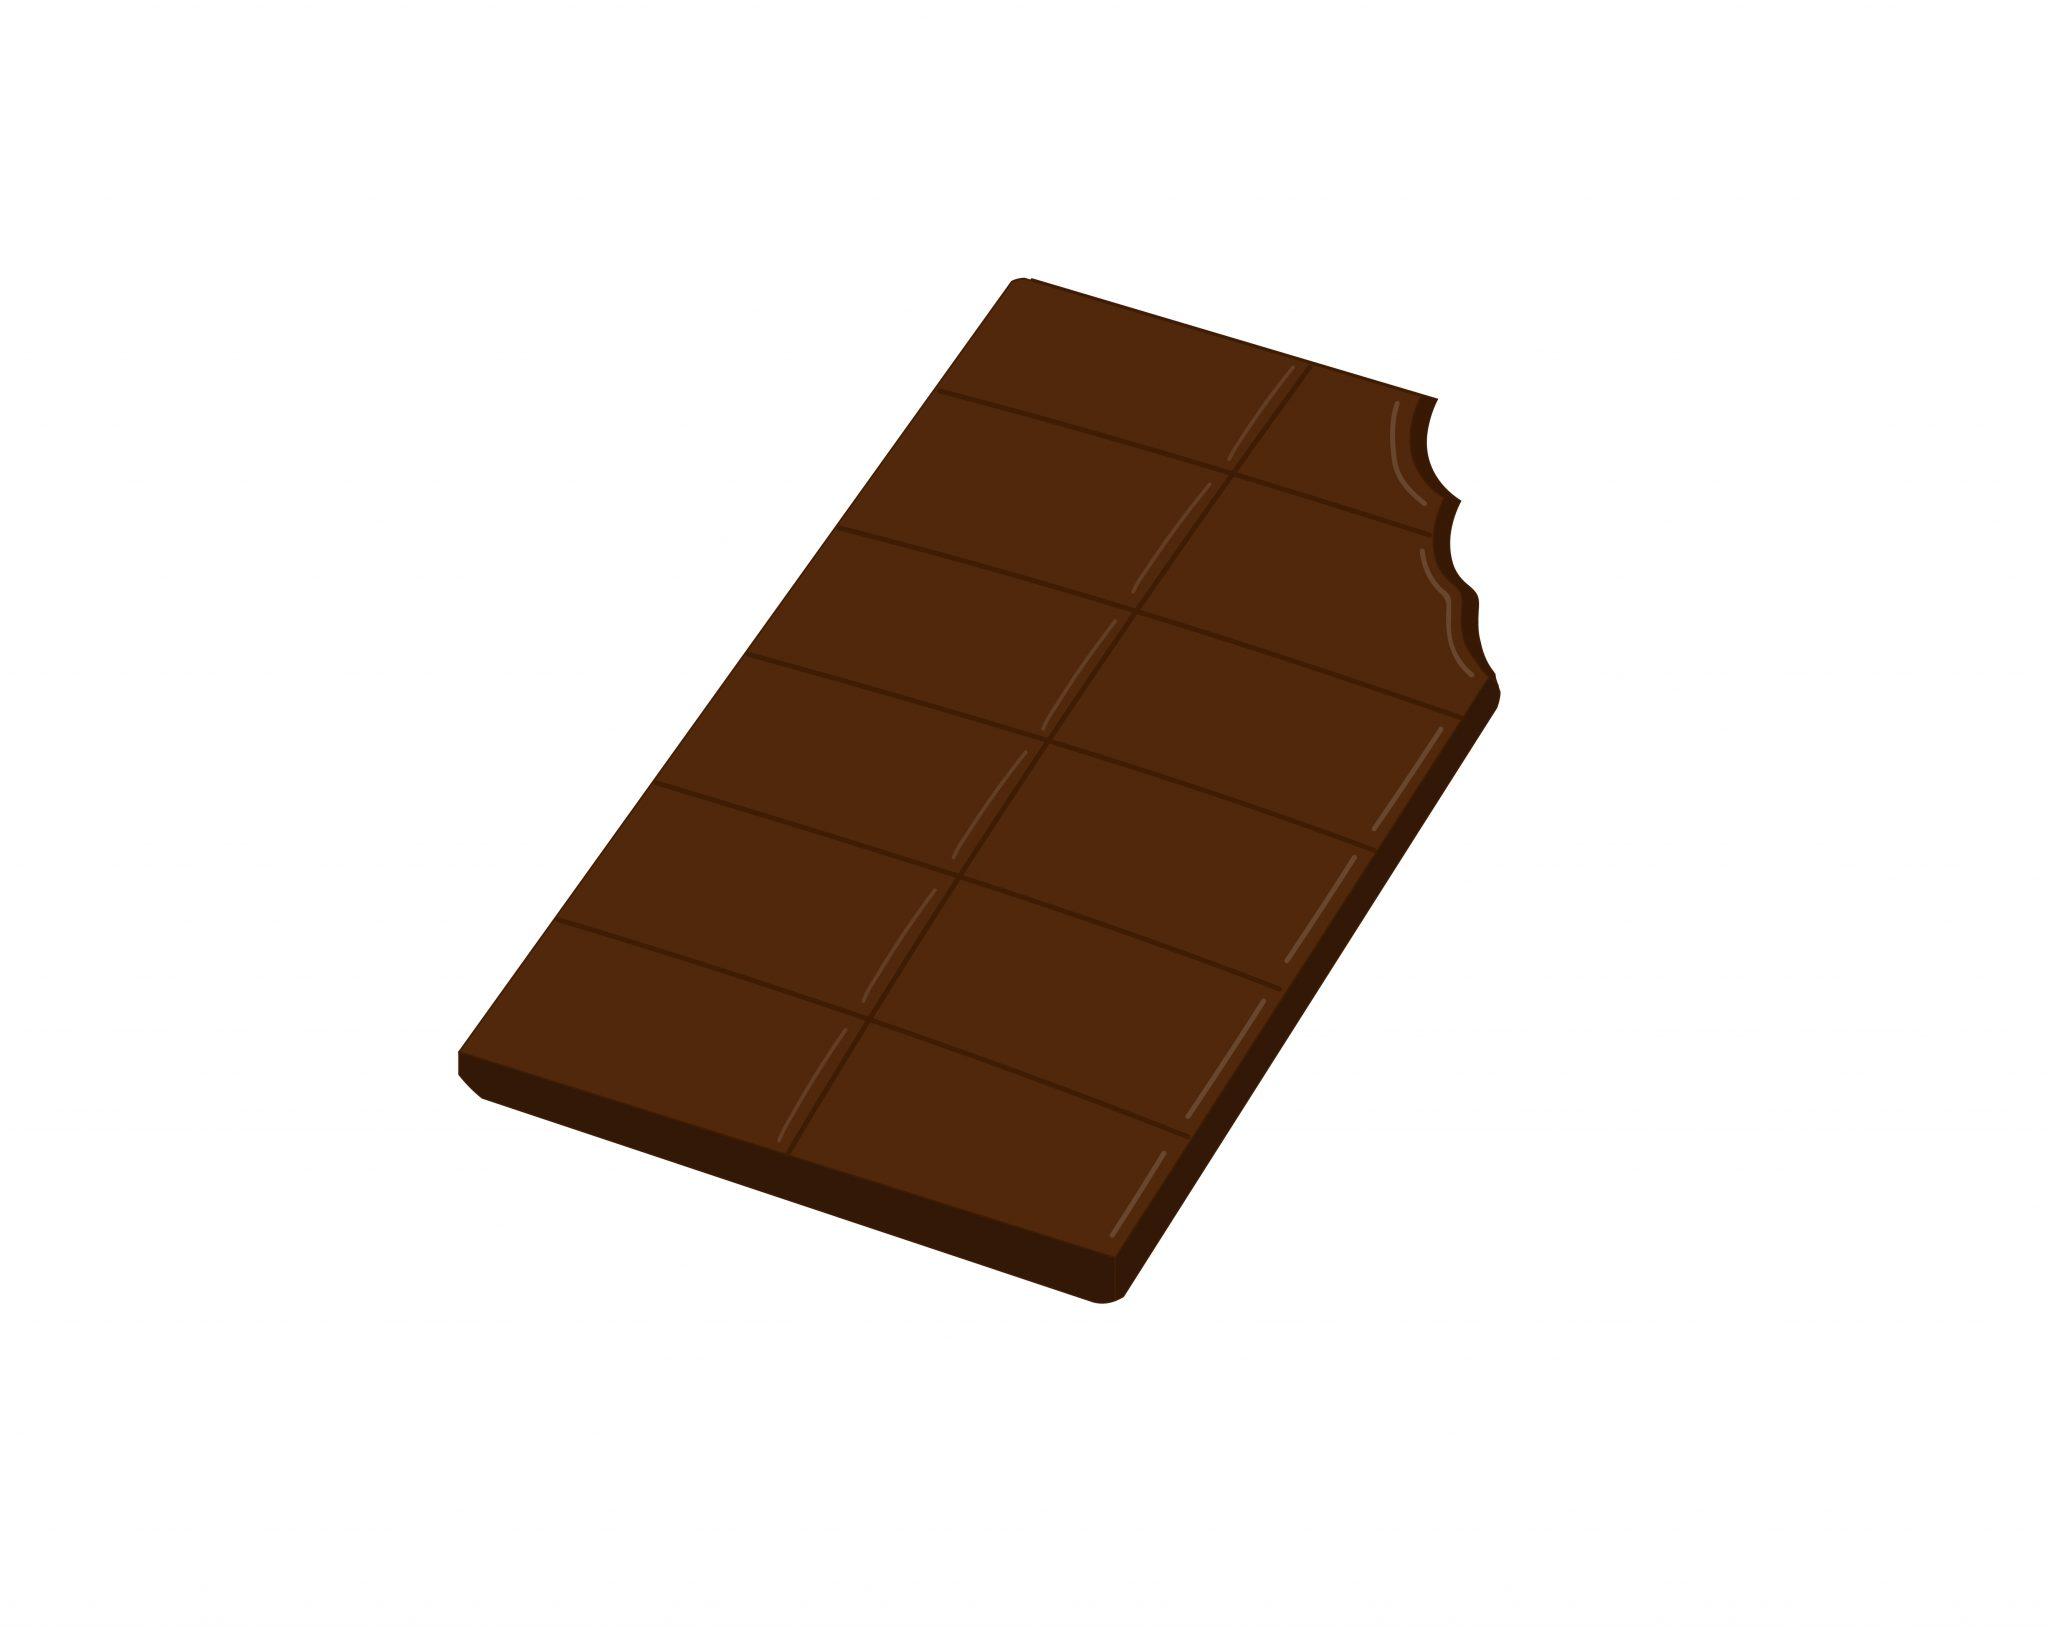 Tableta de chocolate mordisqueada